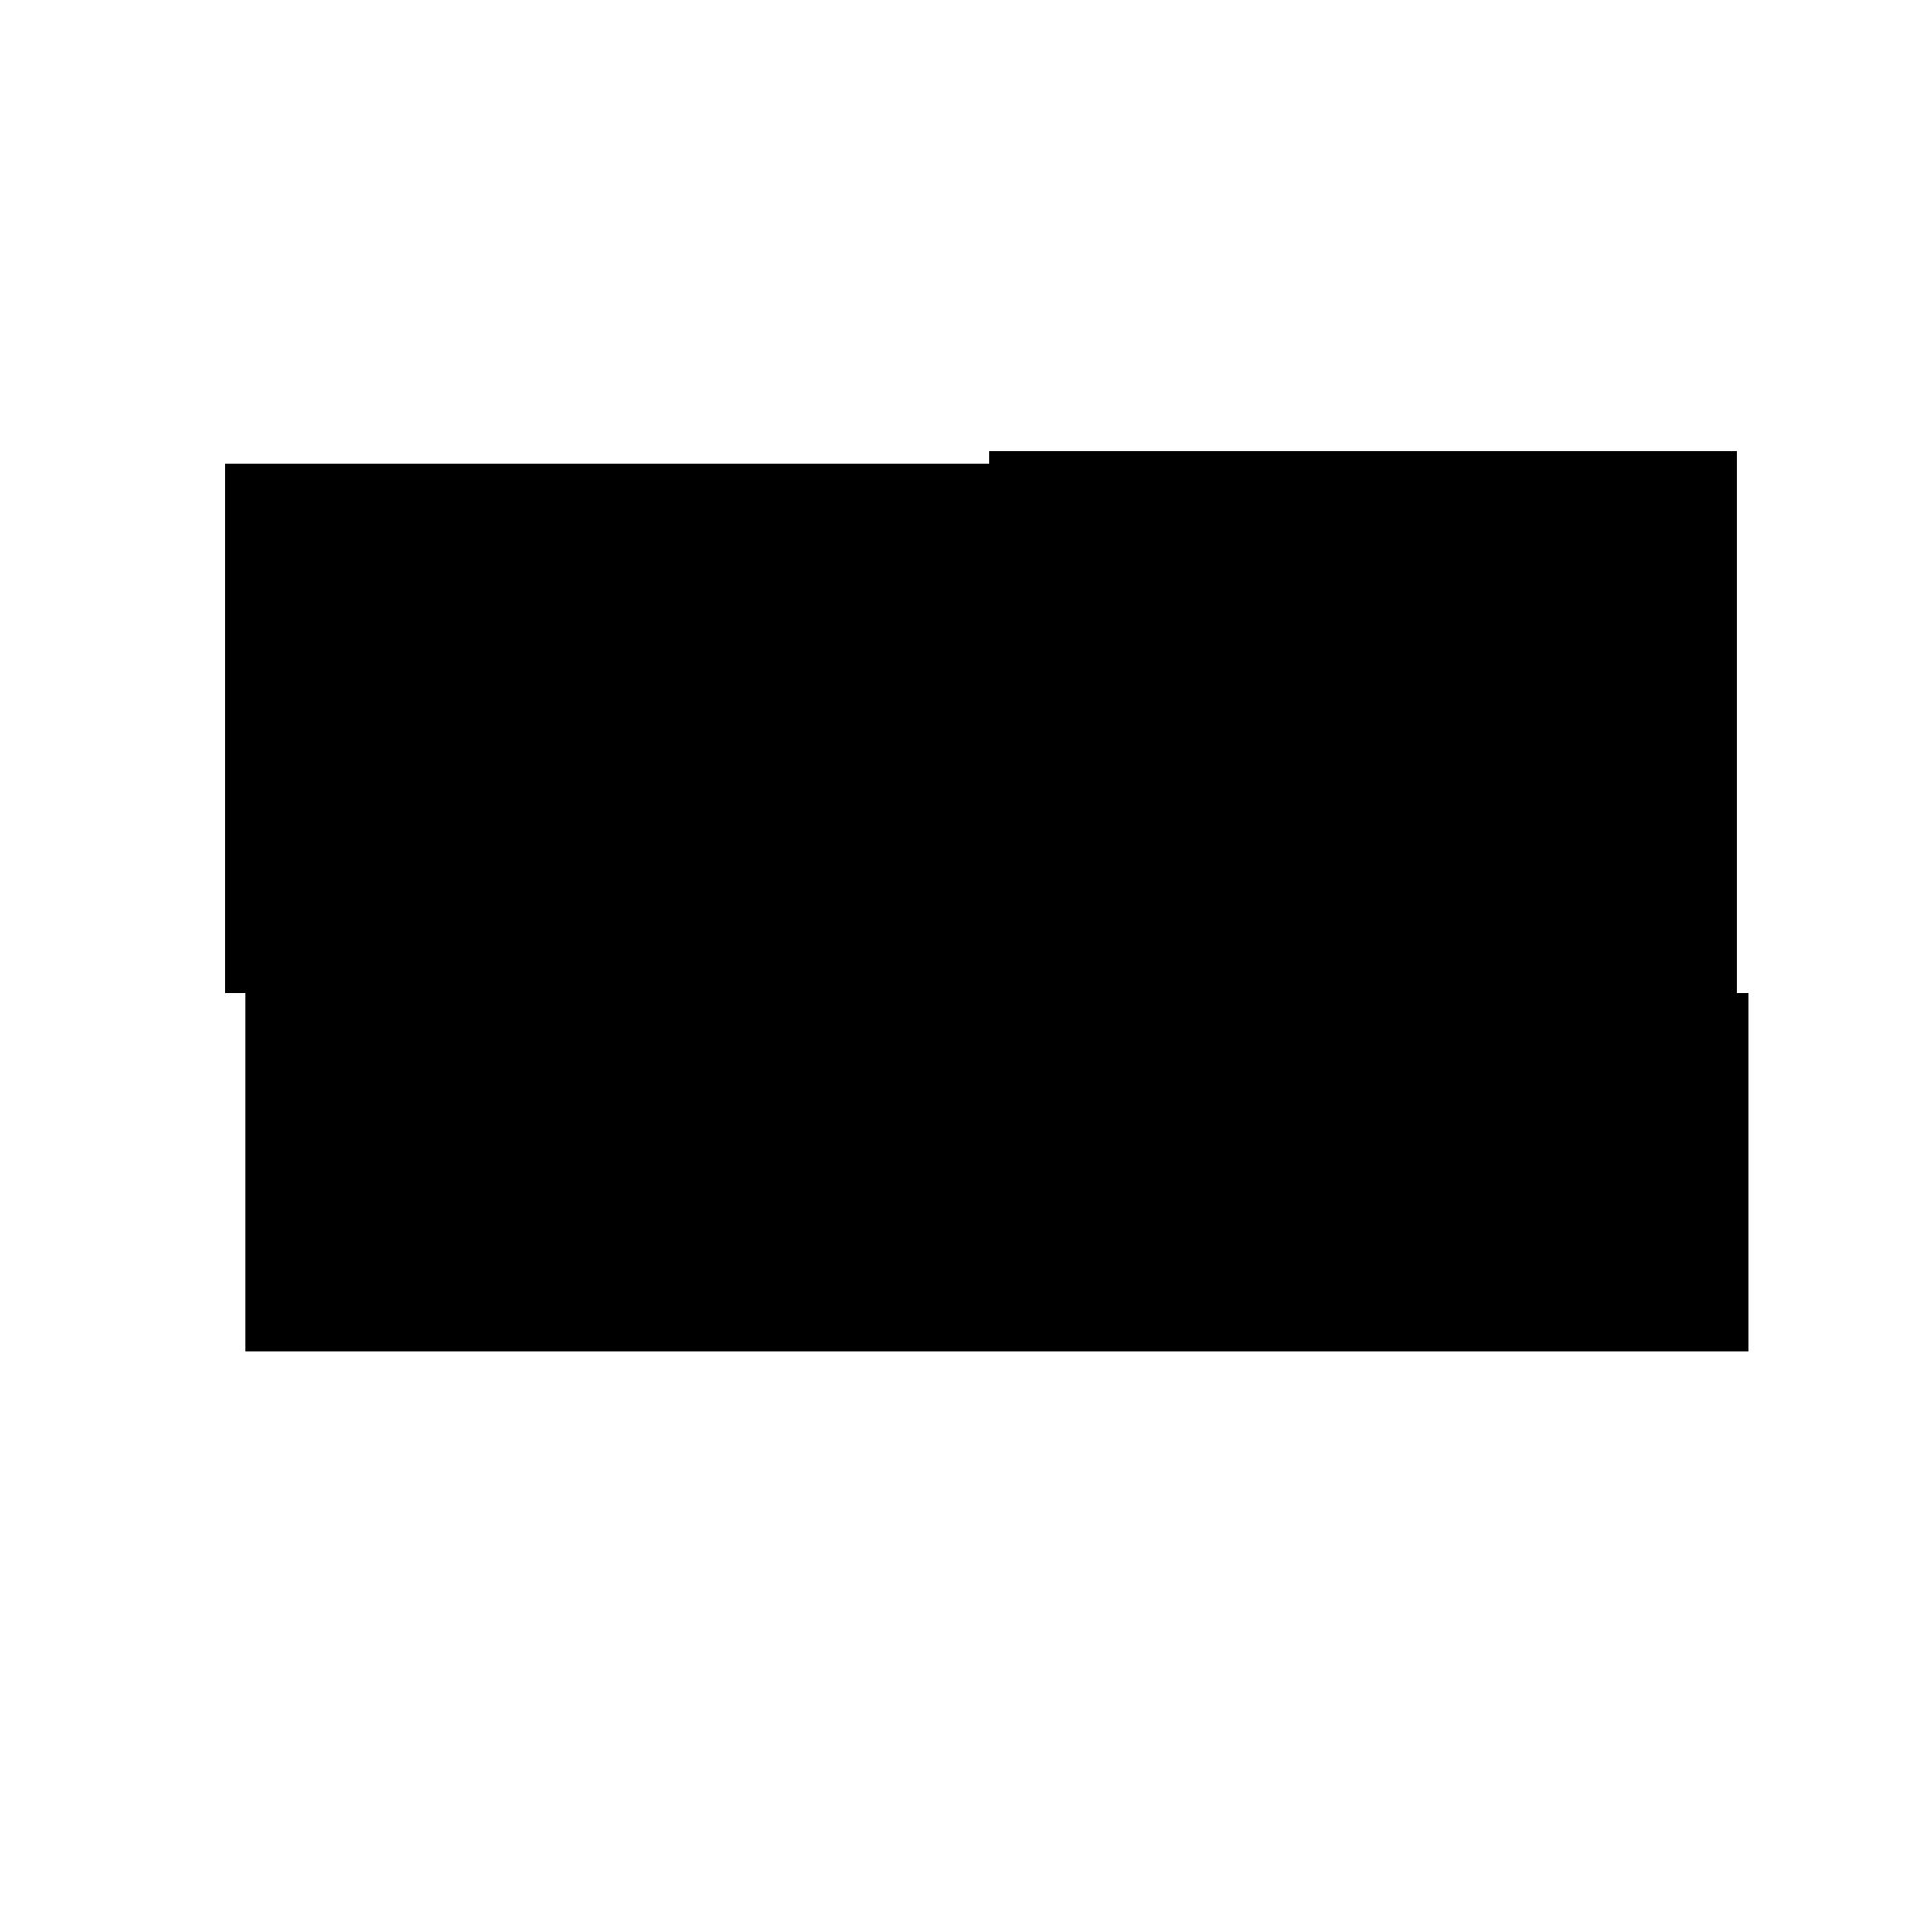 final-logo-black